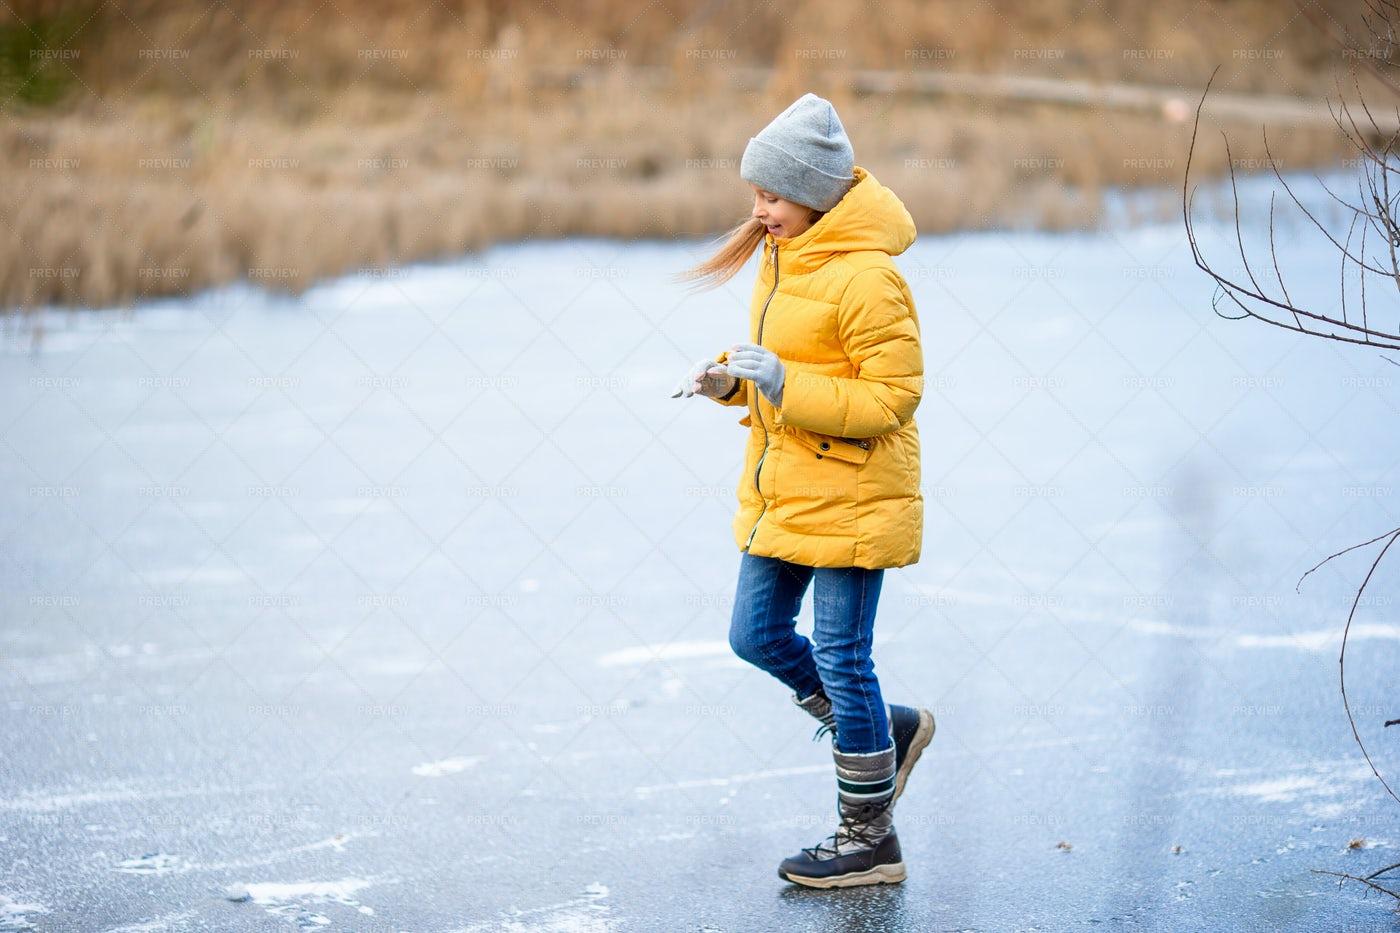 Sliding On Frozen Pond: Stock Photos